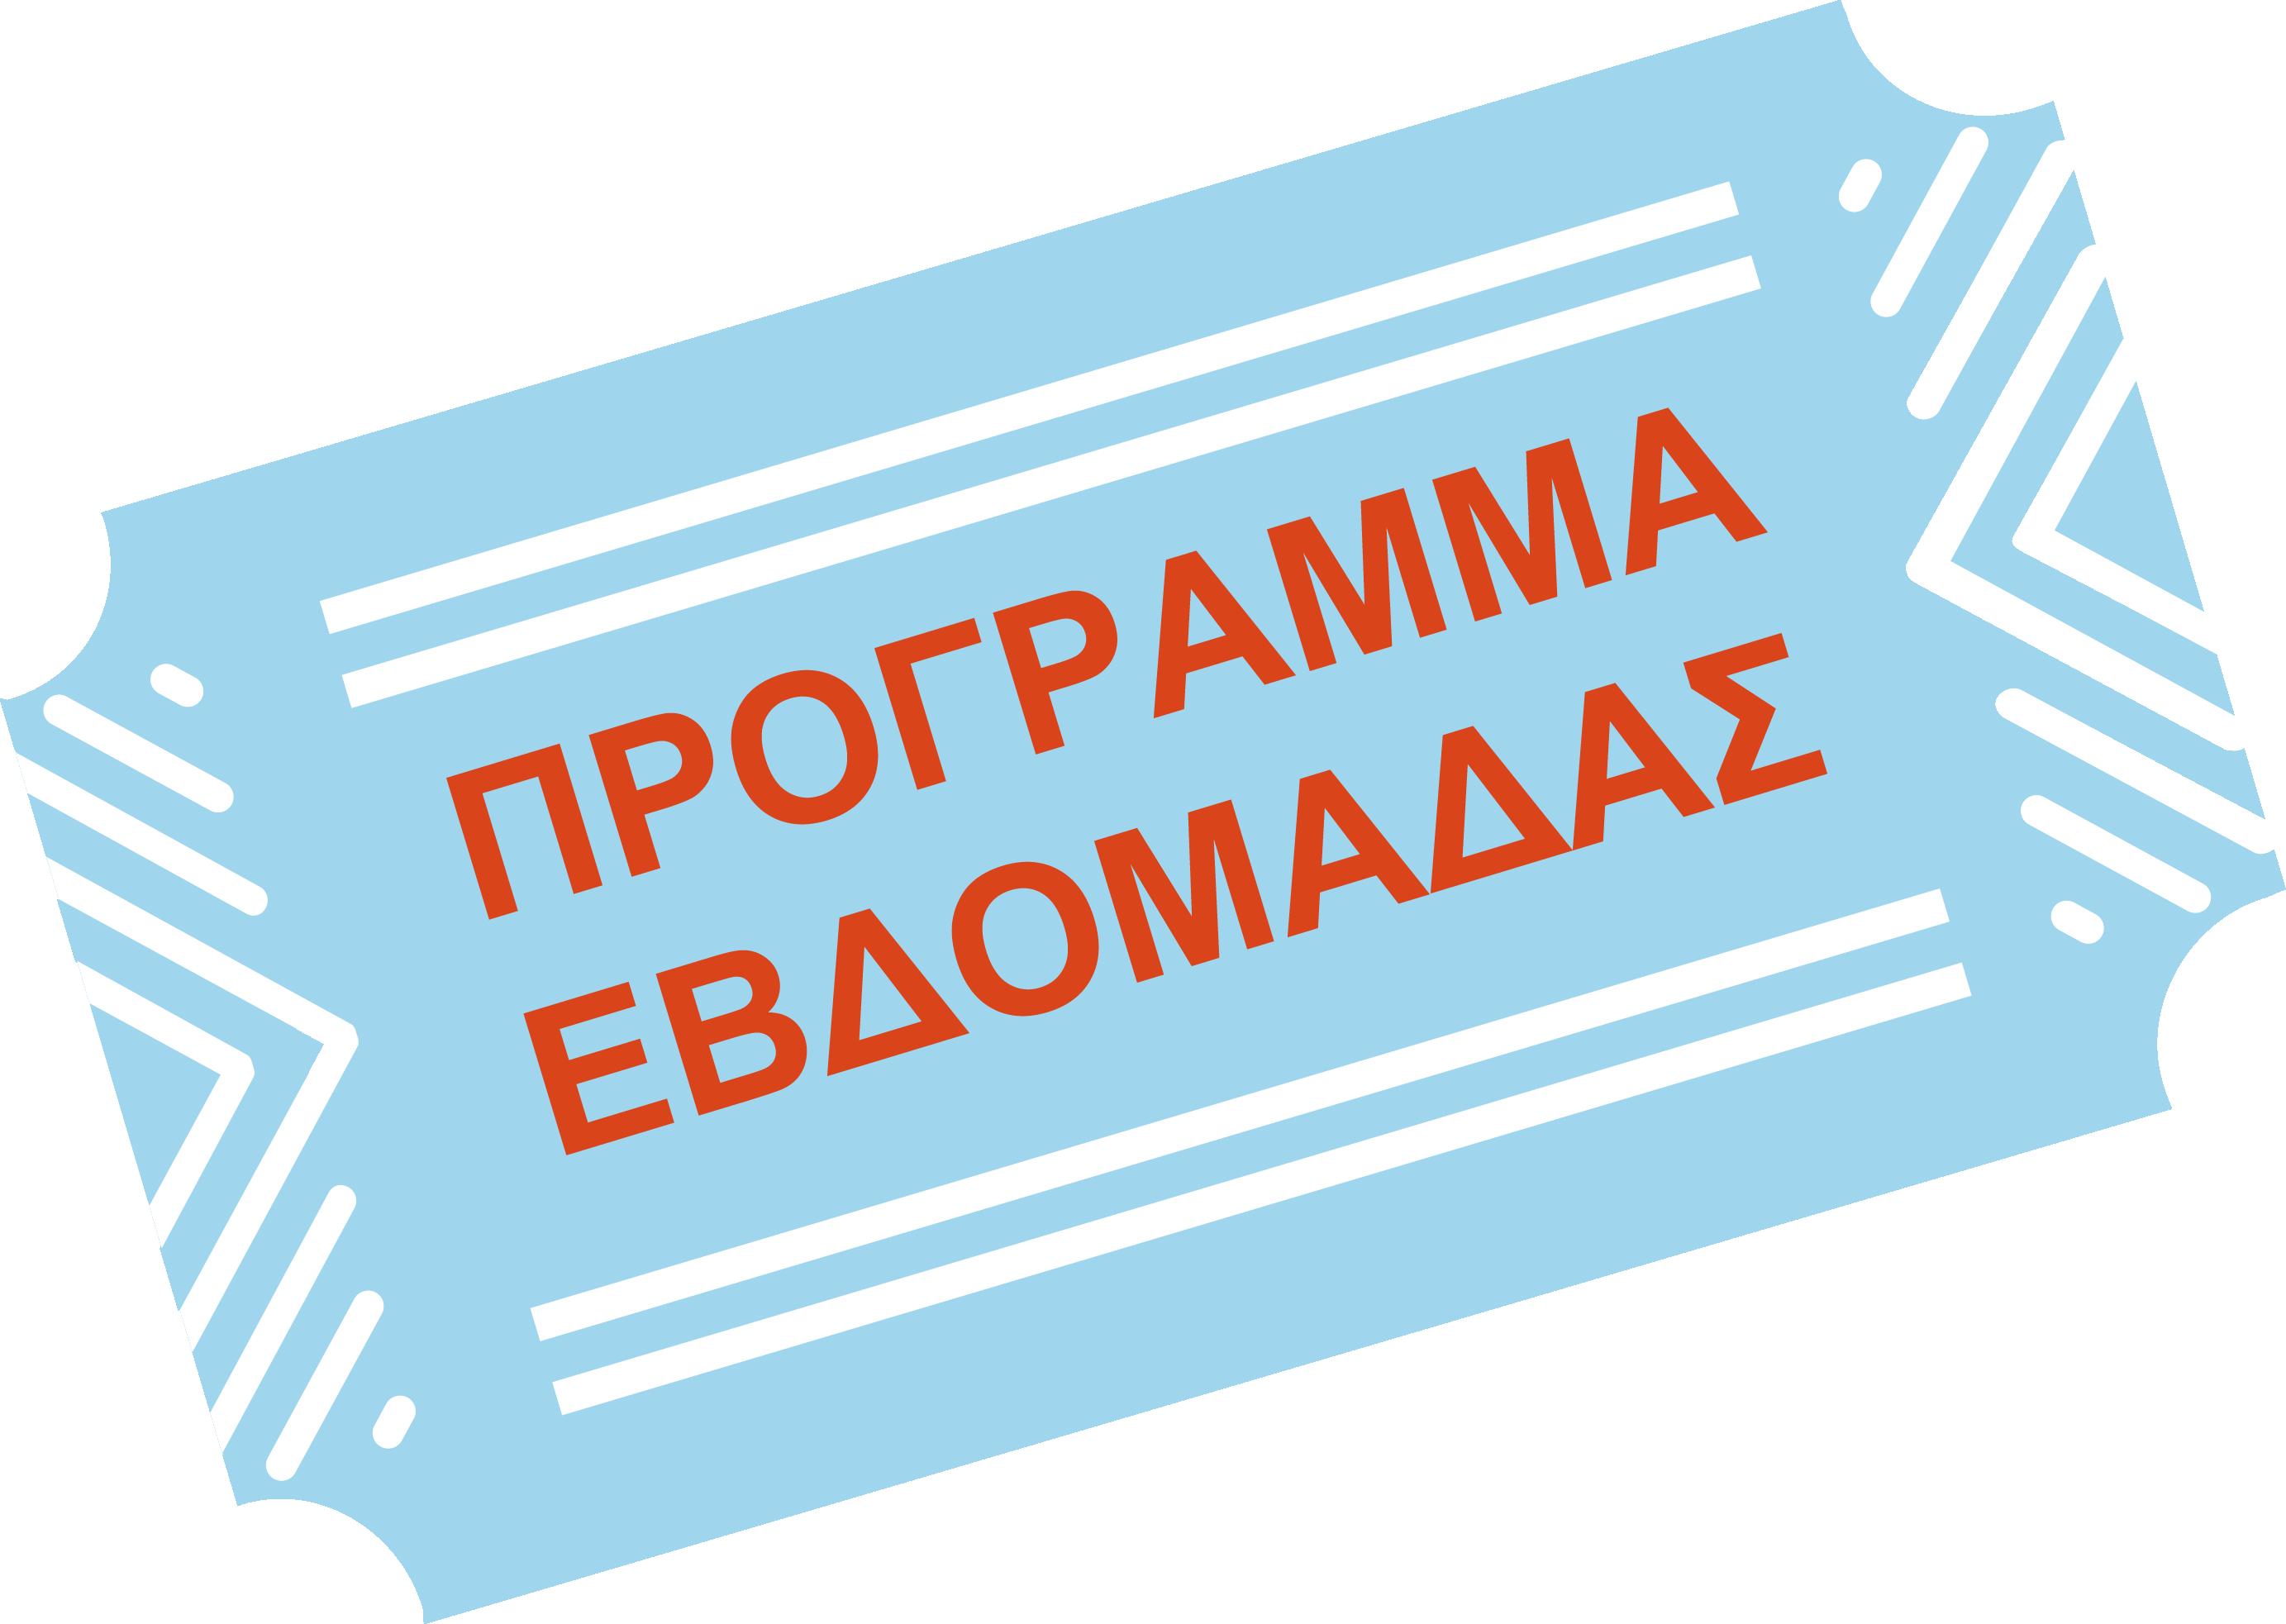 Νοσταλγία πρόγραμμα site.png